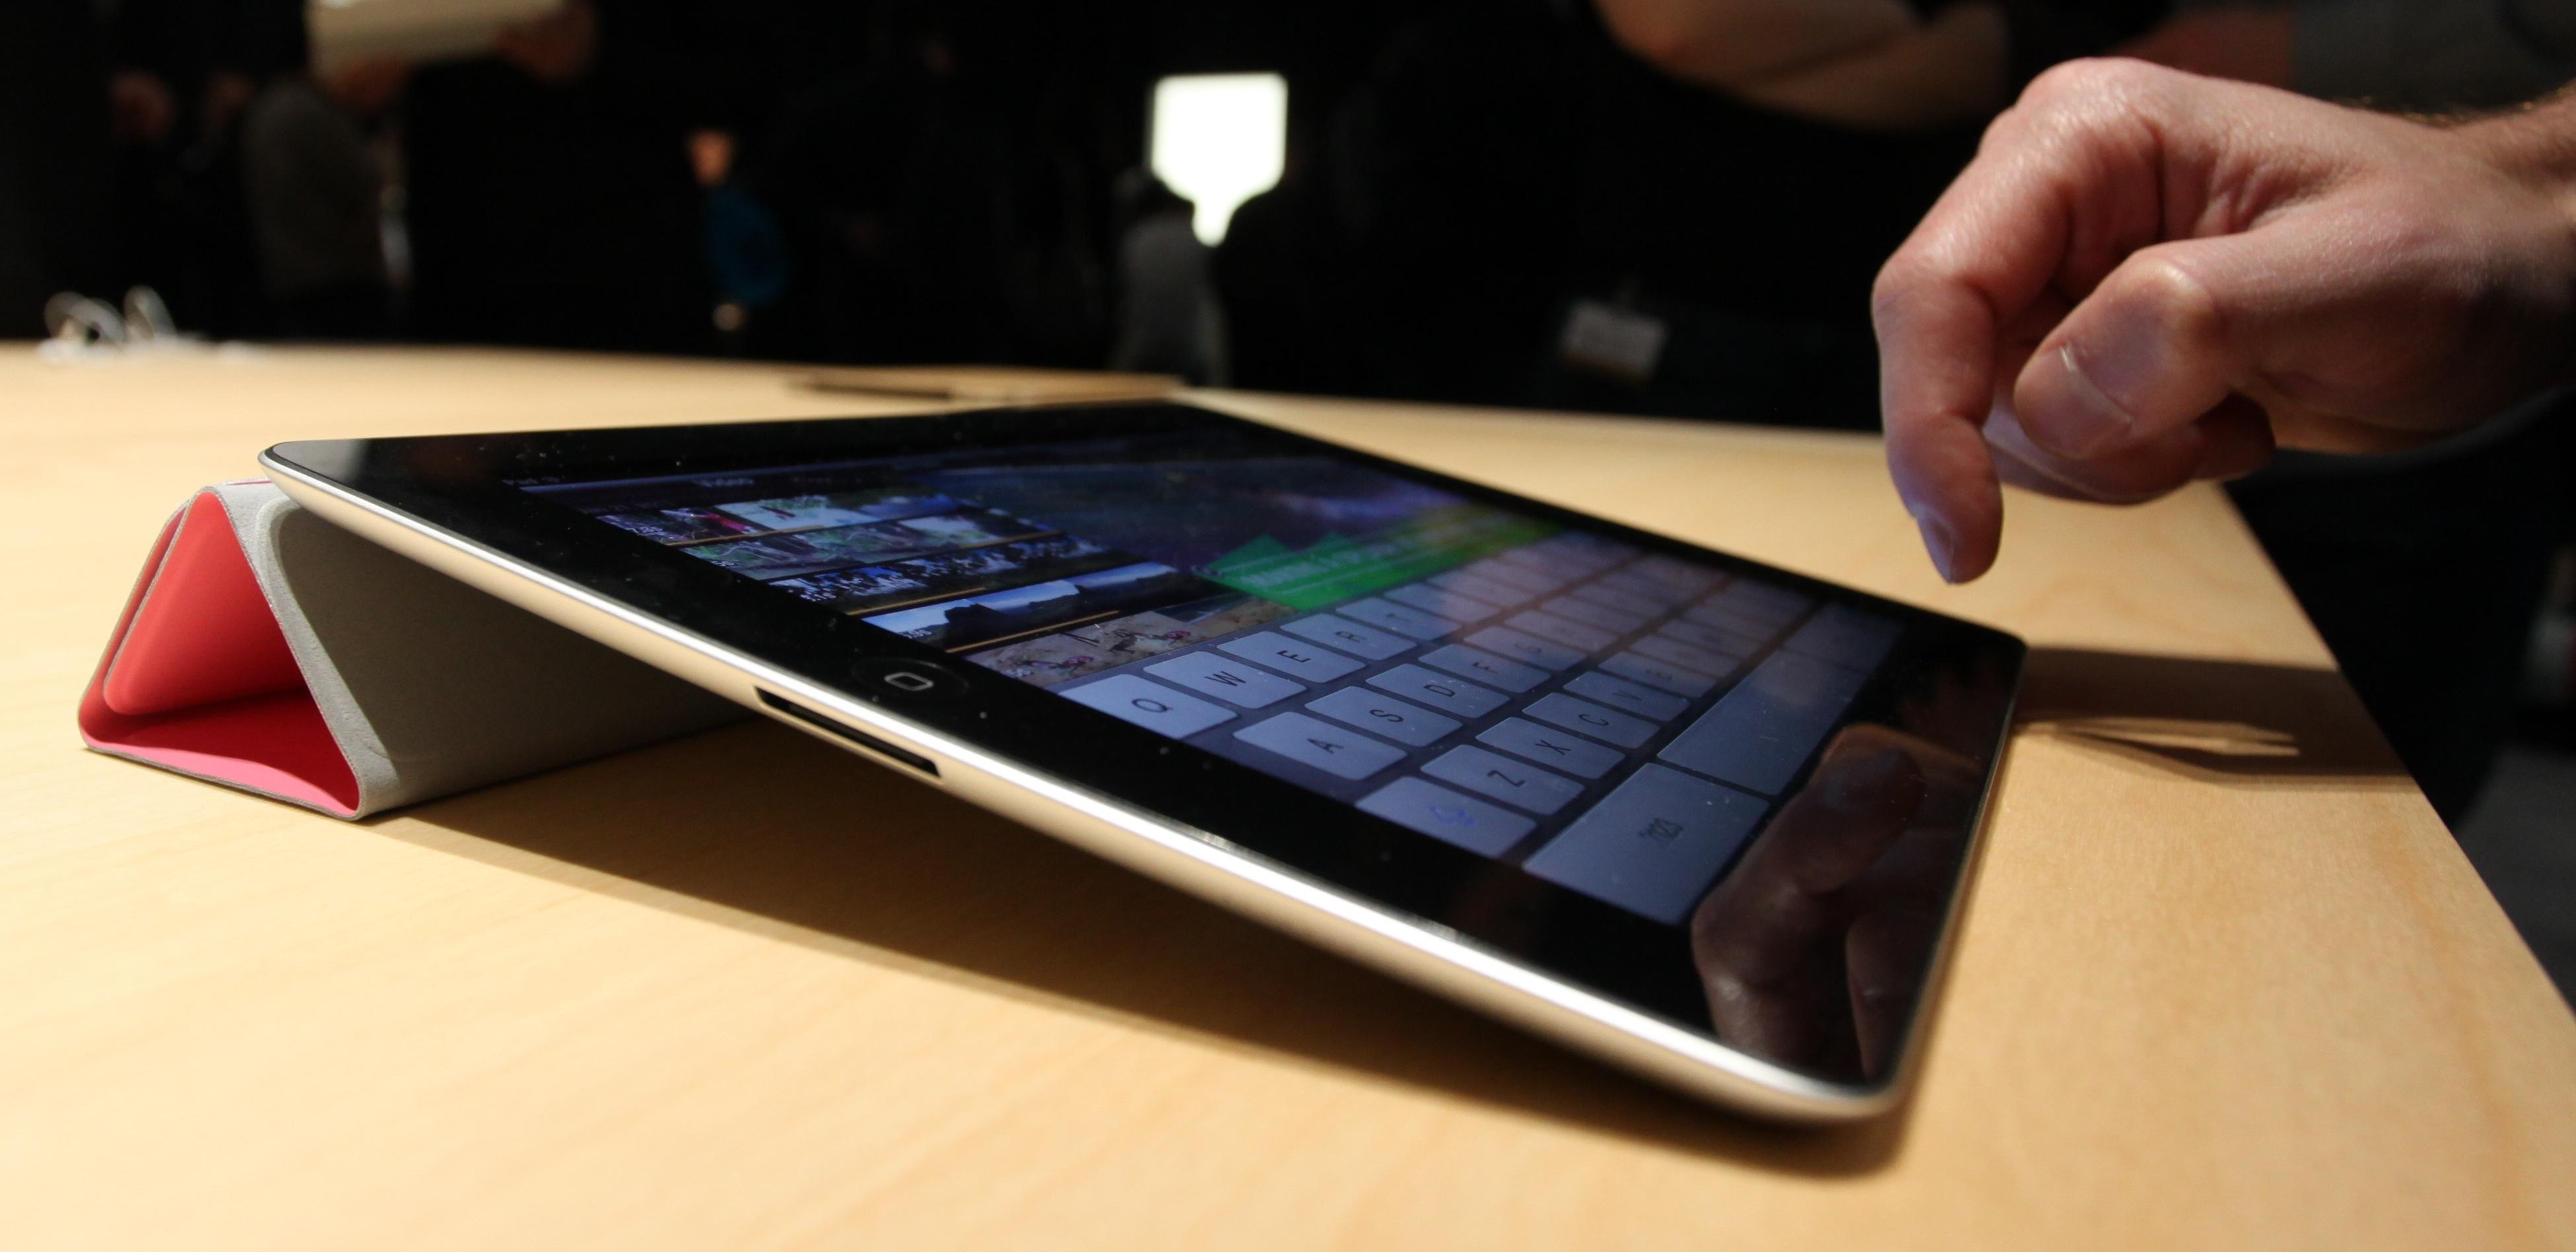 iPad 1, TSA 0